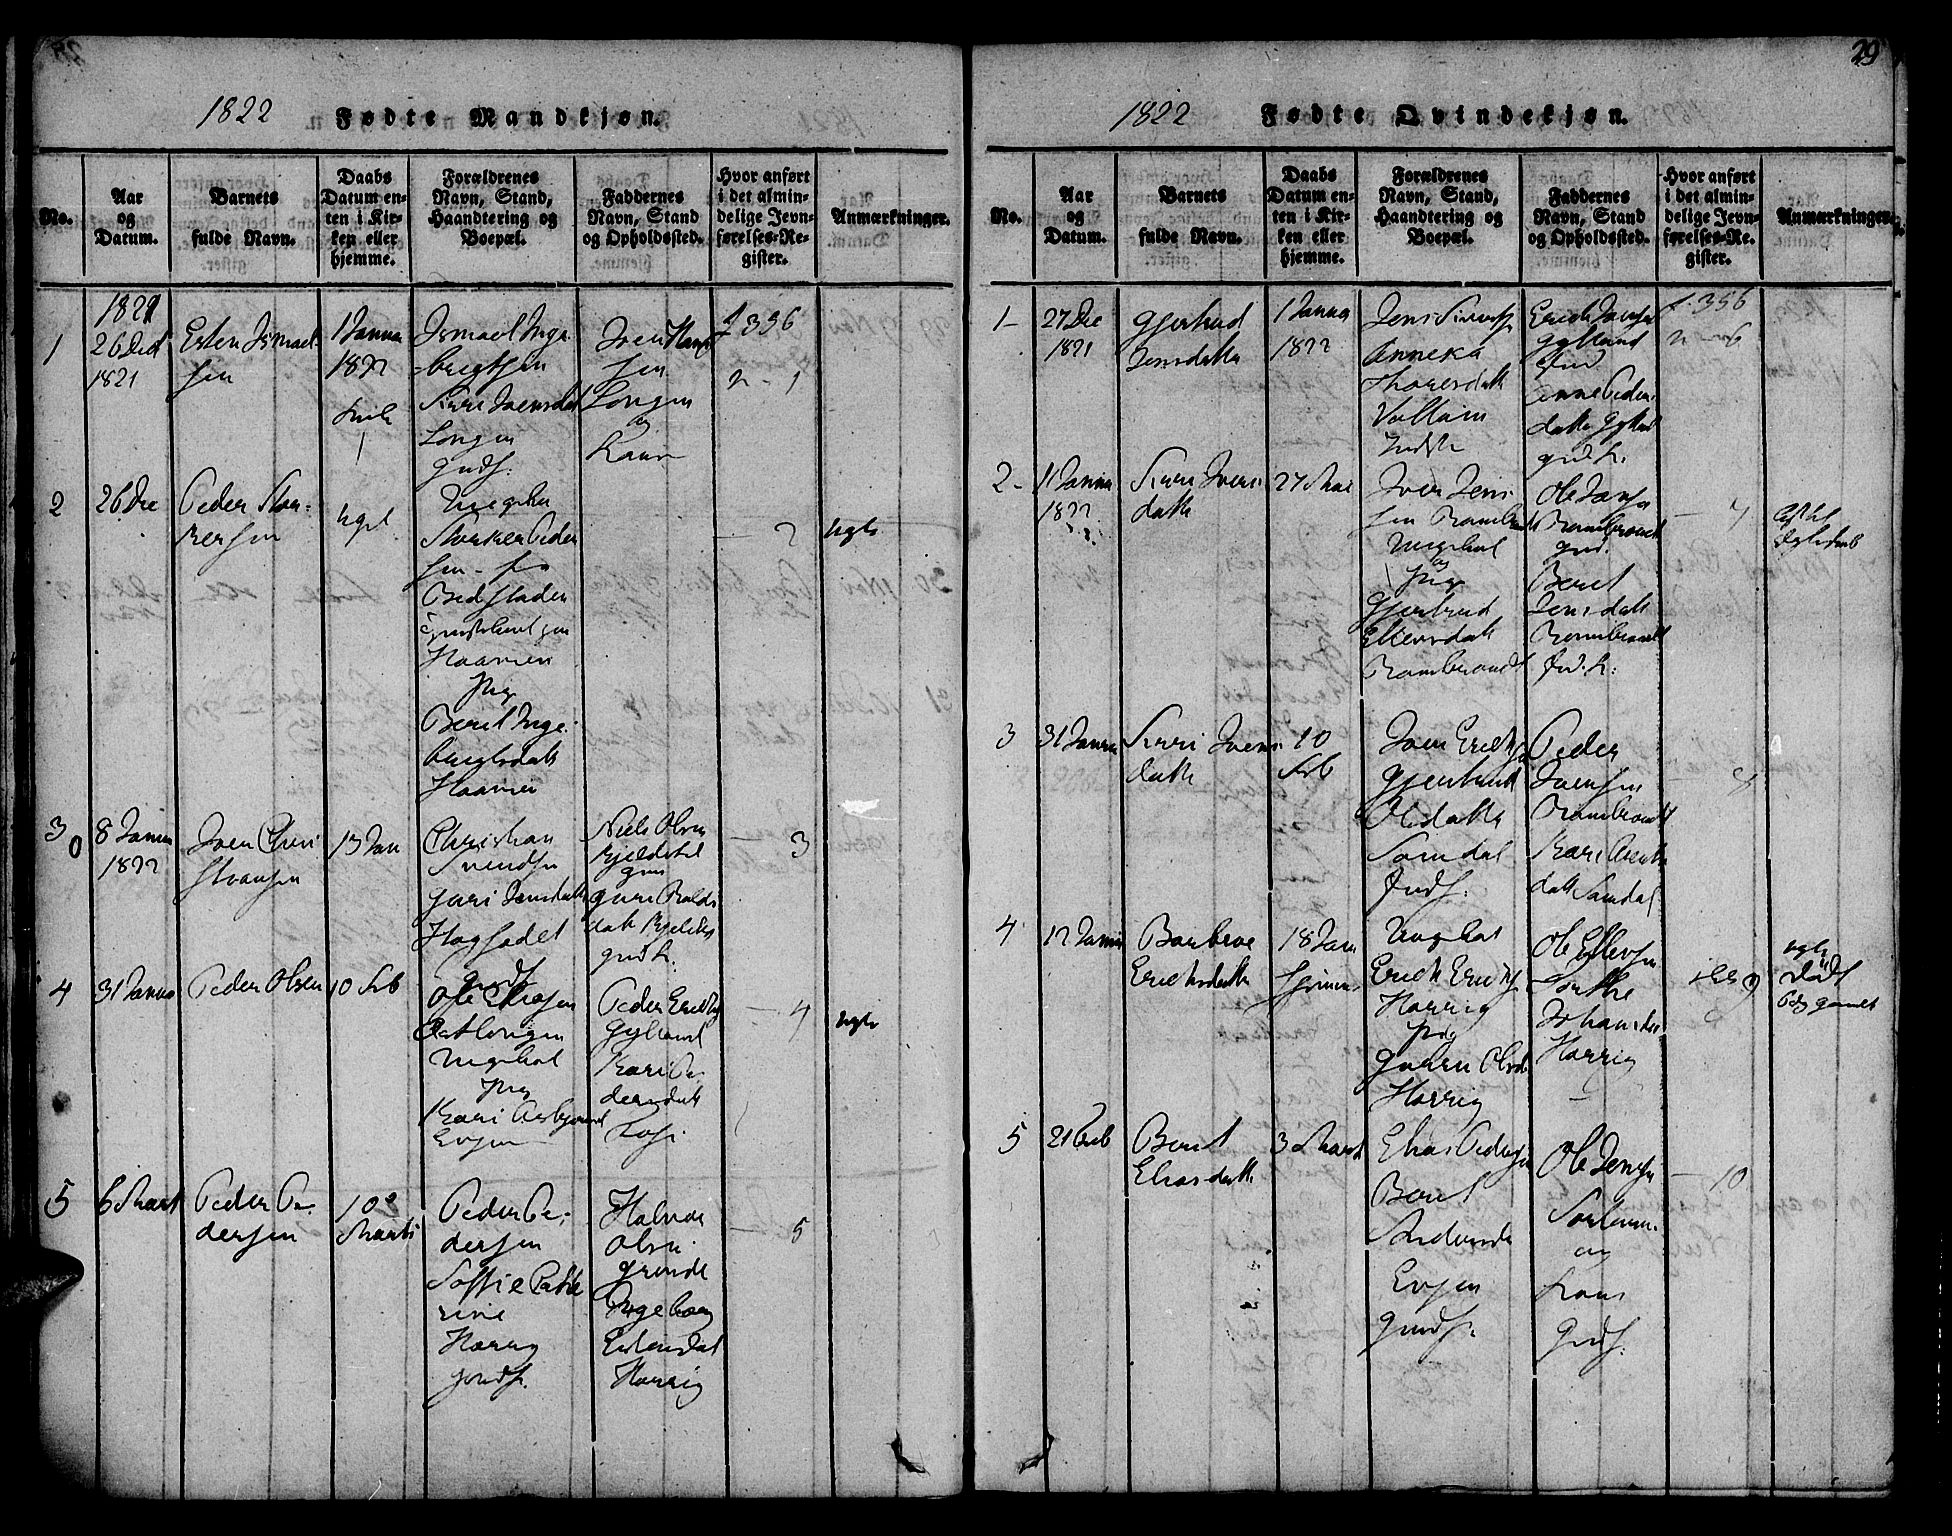 SAT, Ministerialprotokoller, klokkerbøker og fødselsregistre - Sør-Trøndelag, 692/L1102: Ministerialbok nr. 692A02, 1816-1842, s. 29